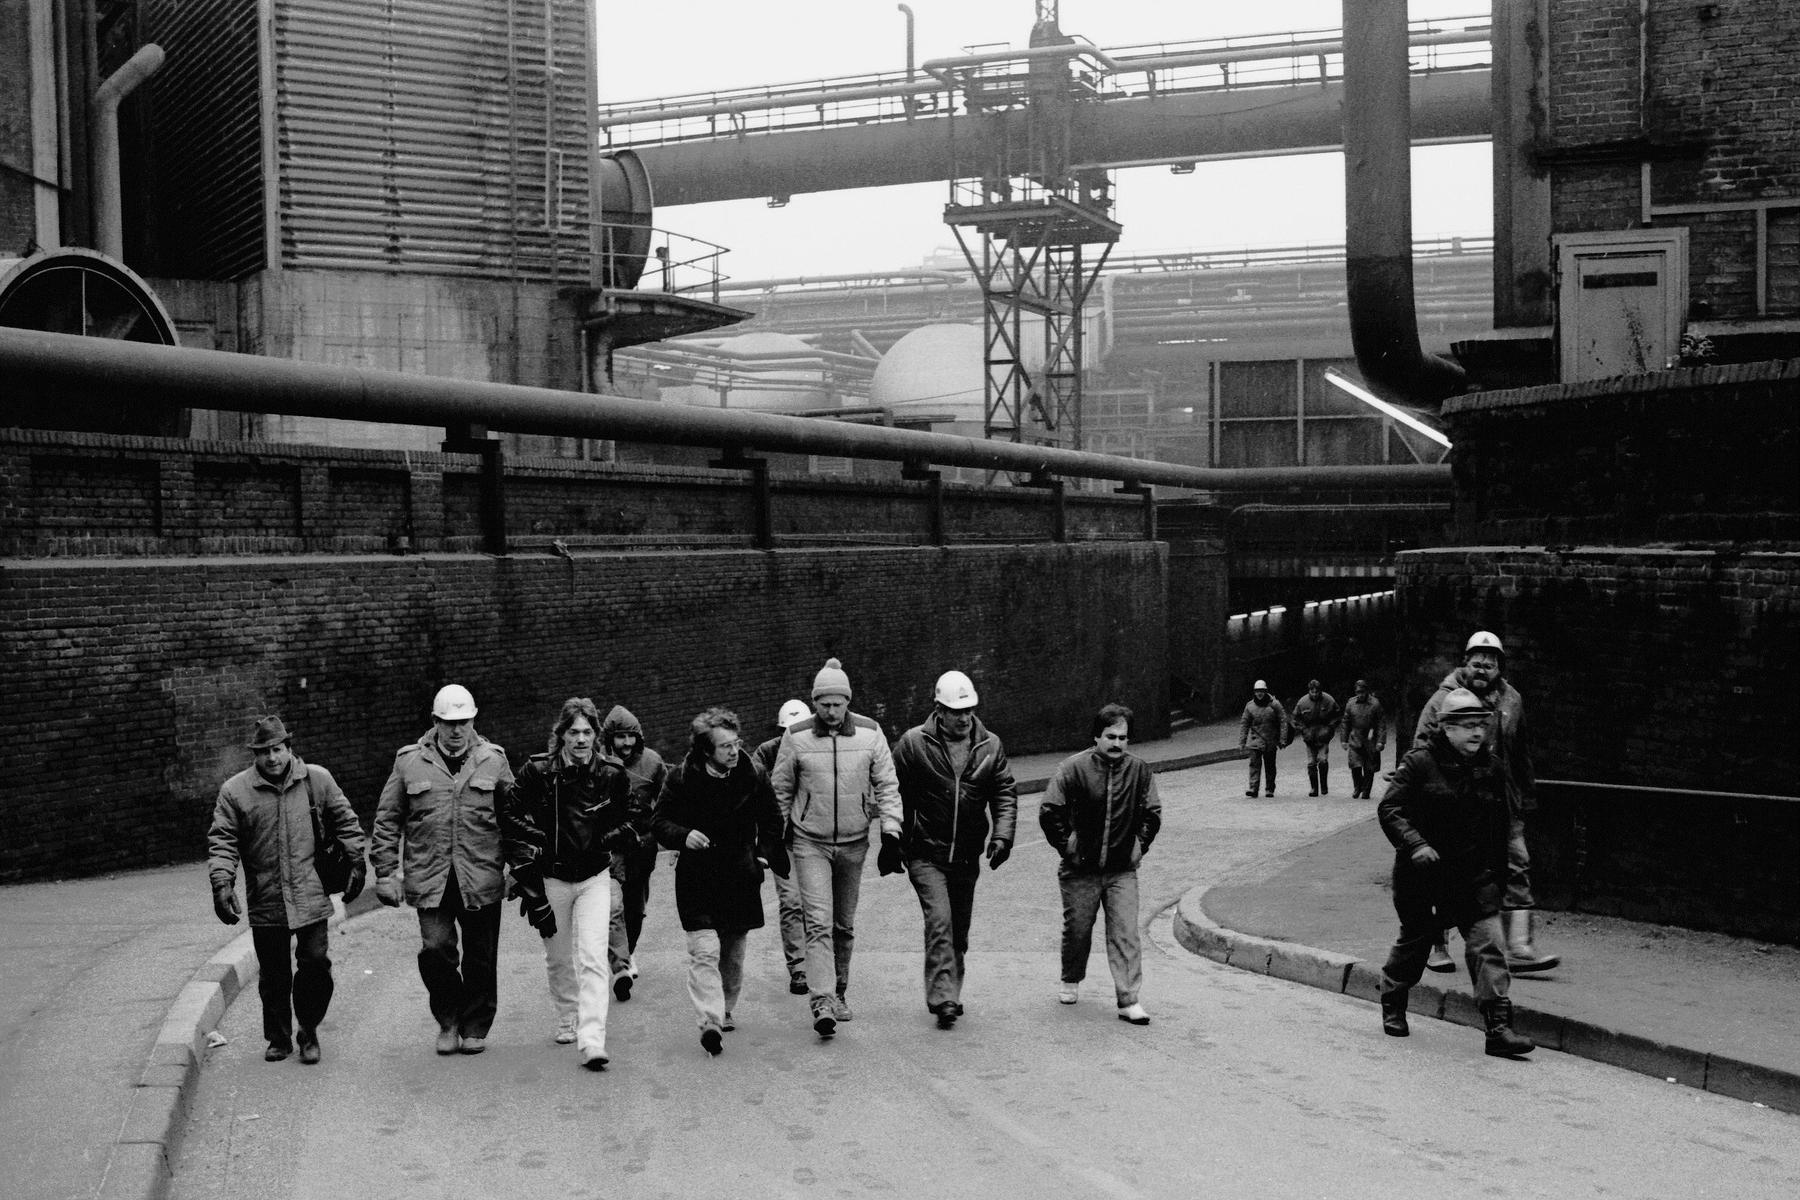 Stahlarbeiter auf dem Gelände der Krupp-Stahl AG in Rheinhausen während des Streiks, 1987. Foto: LVR-Industriemuseum / Kerstgens